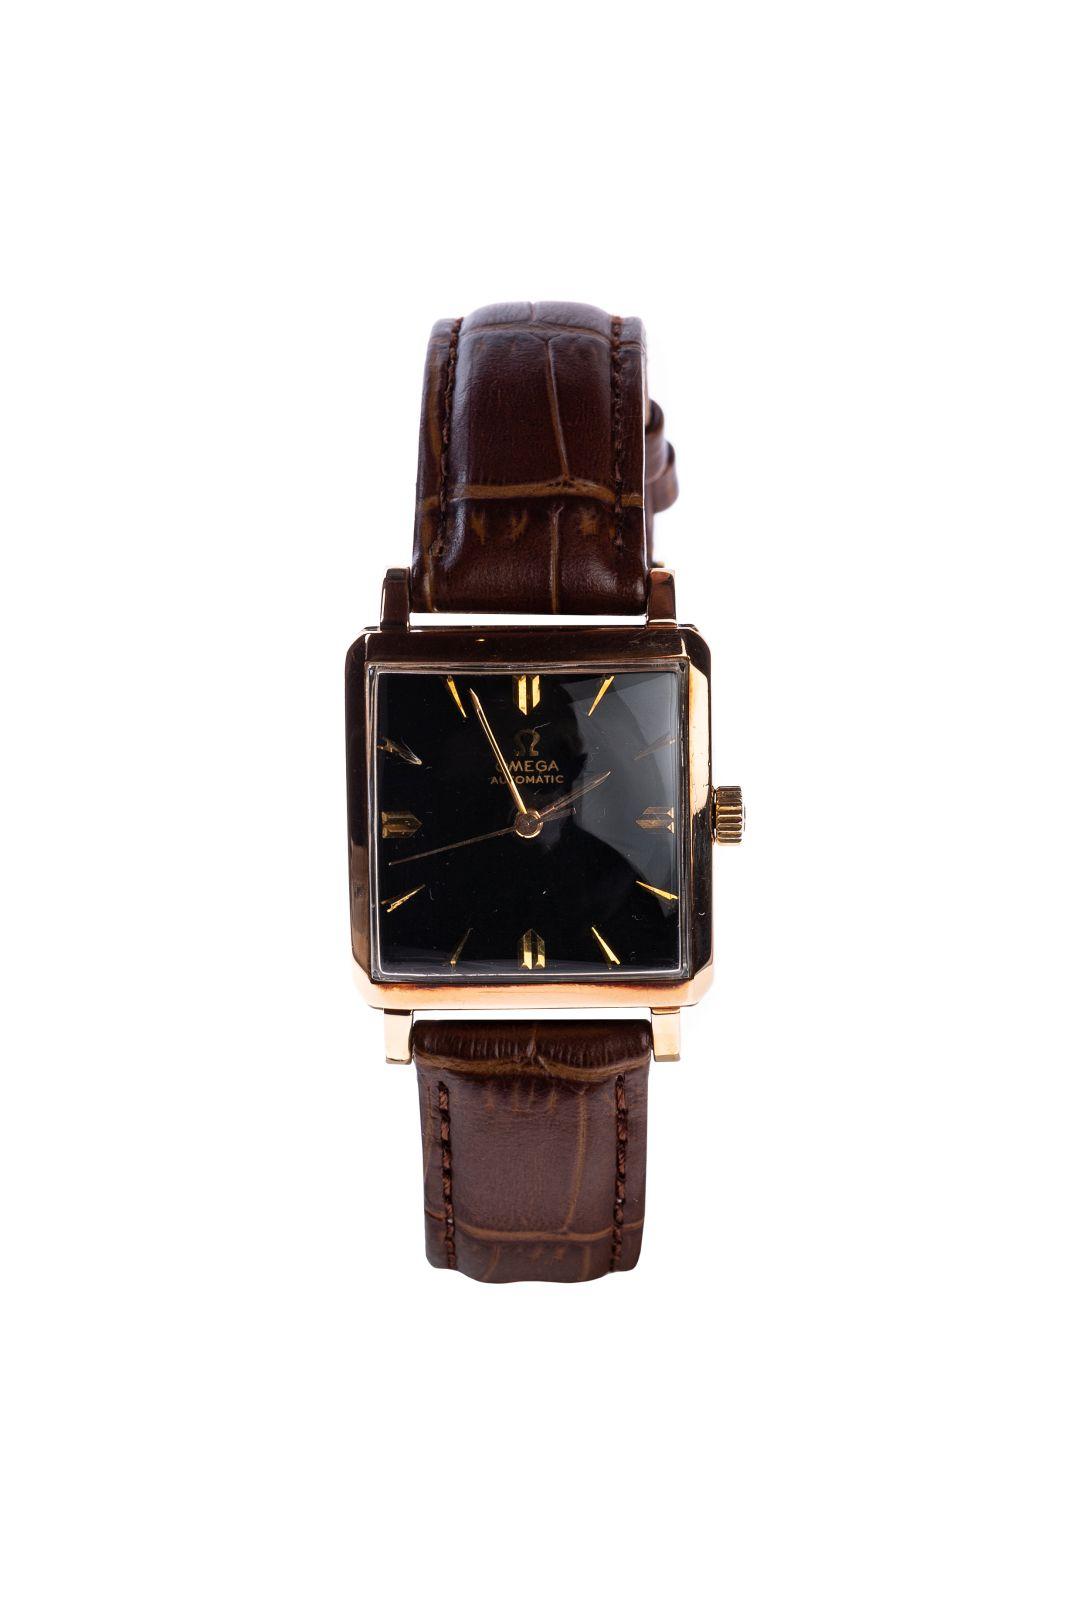 #29 Vintage Omega in pink gold | Vintage Omega in Rotgold Image